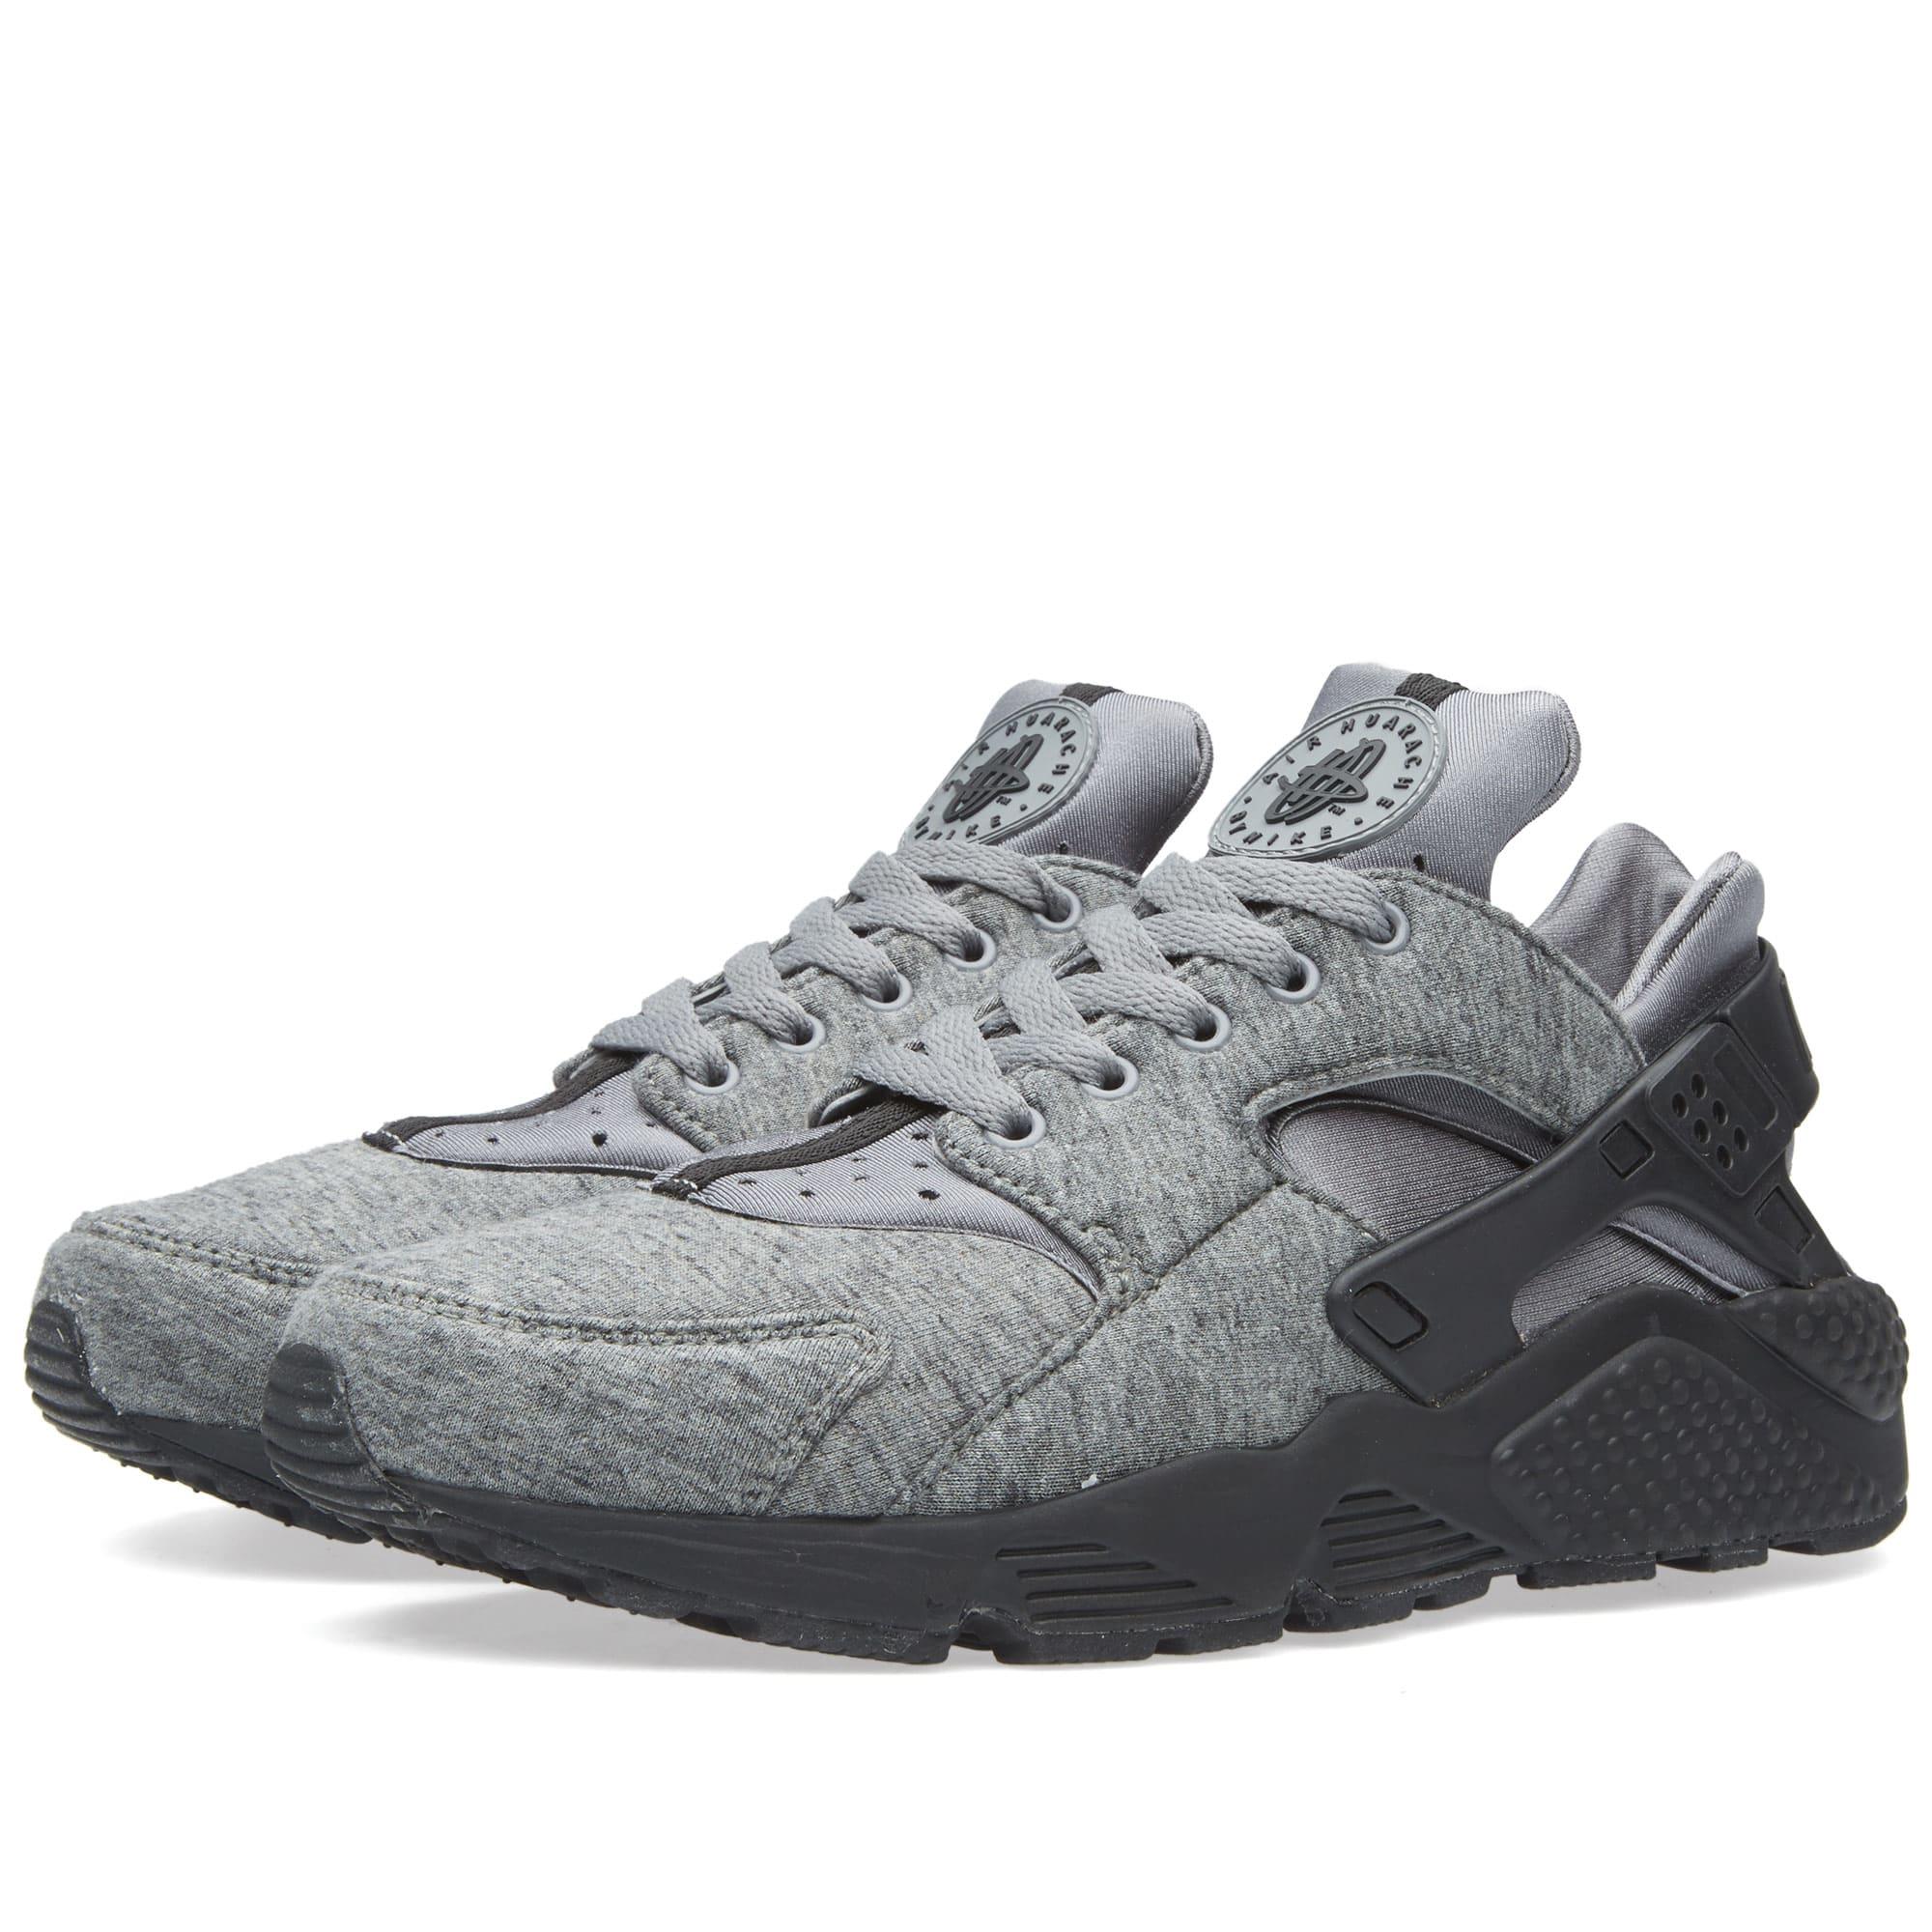 160812472725 Nike Air Huarache Run TP Cool Grey